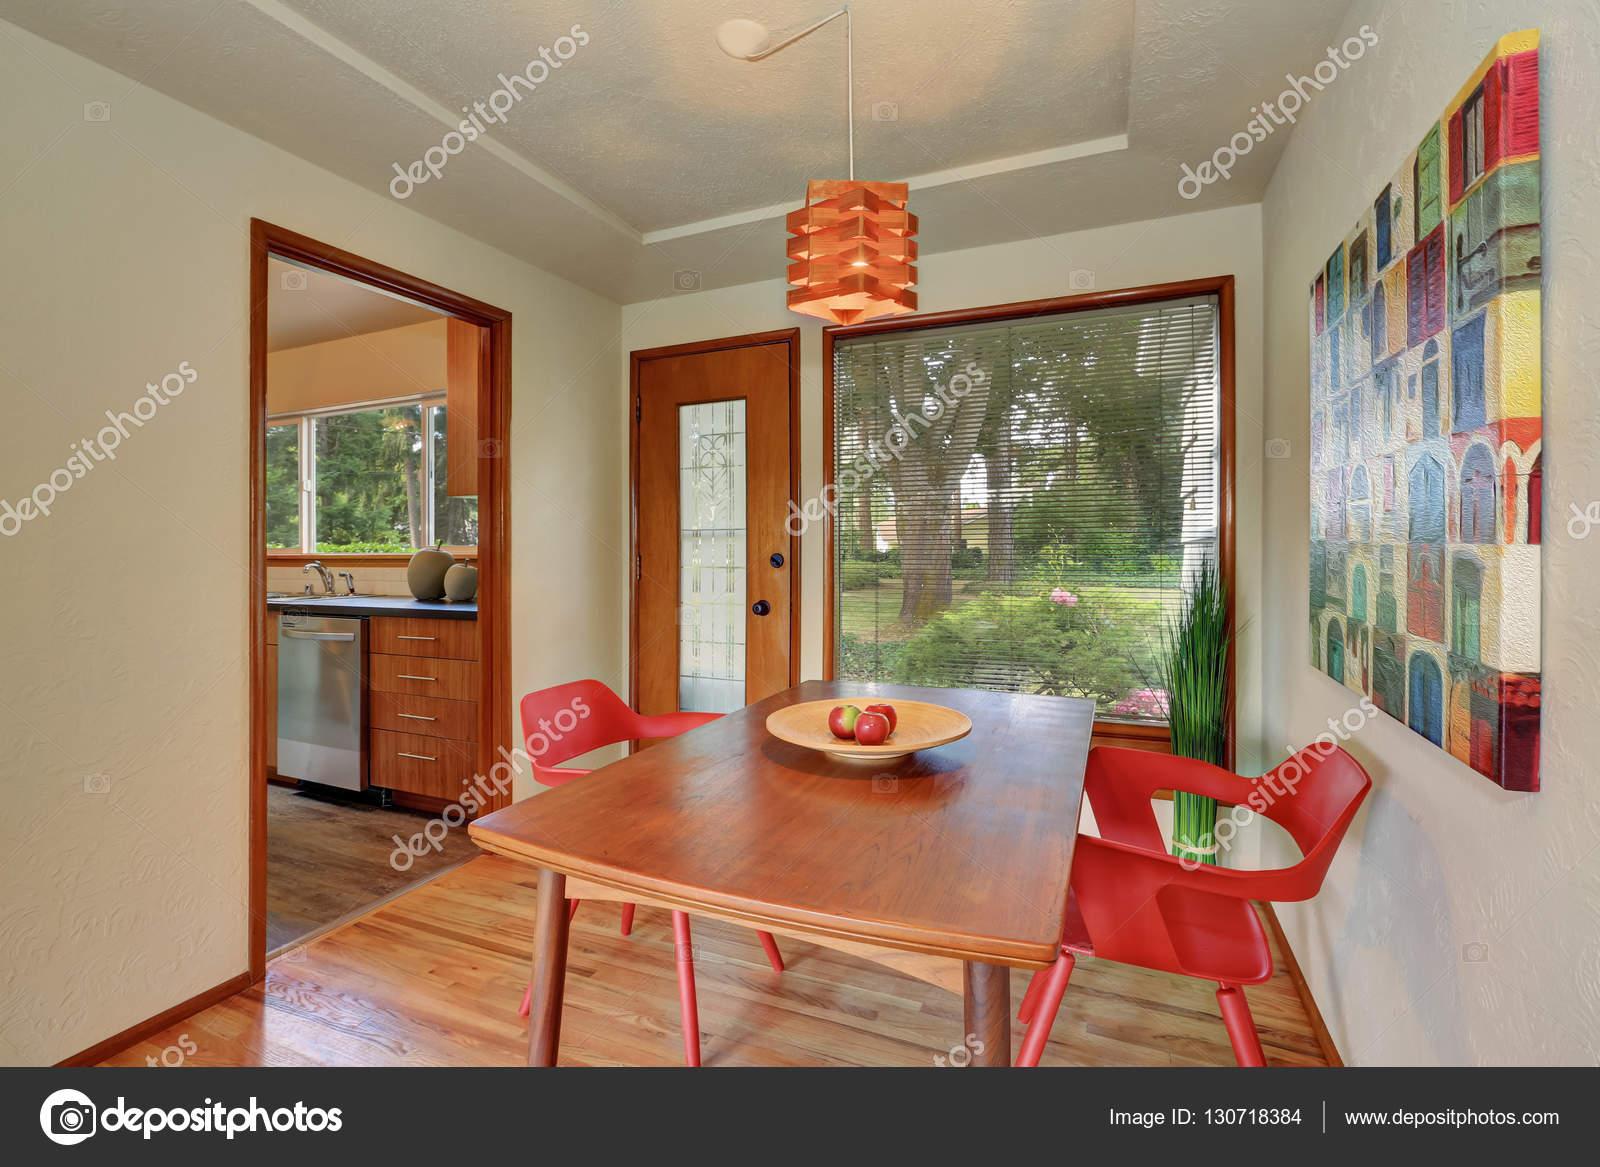 interieur de la zone avec des chaises rouges pommes sur la table a manger a sortie du jardin d arriere cour nord ouest e u image de iriana88w